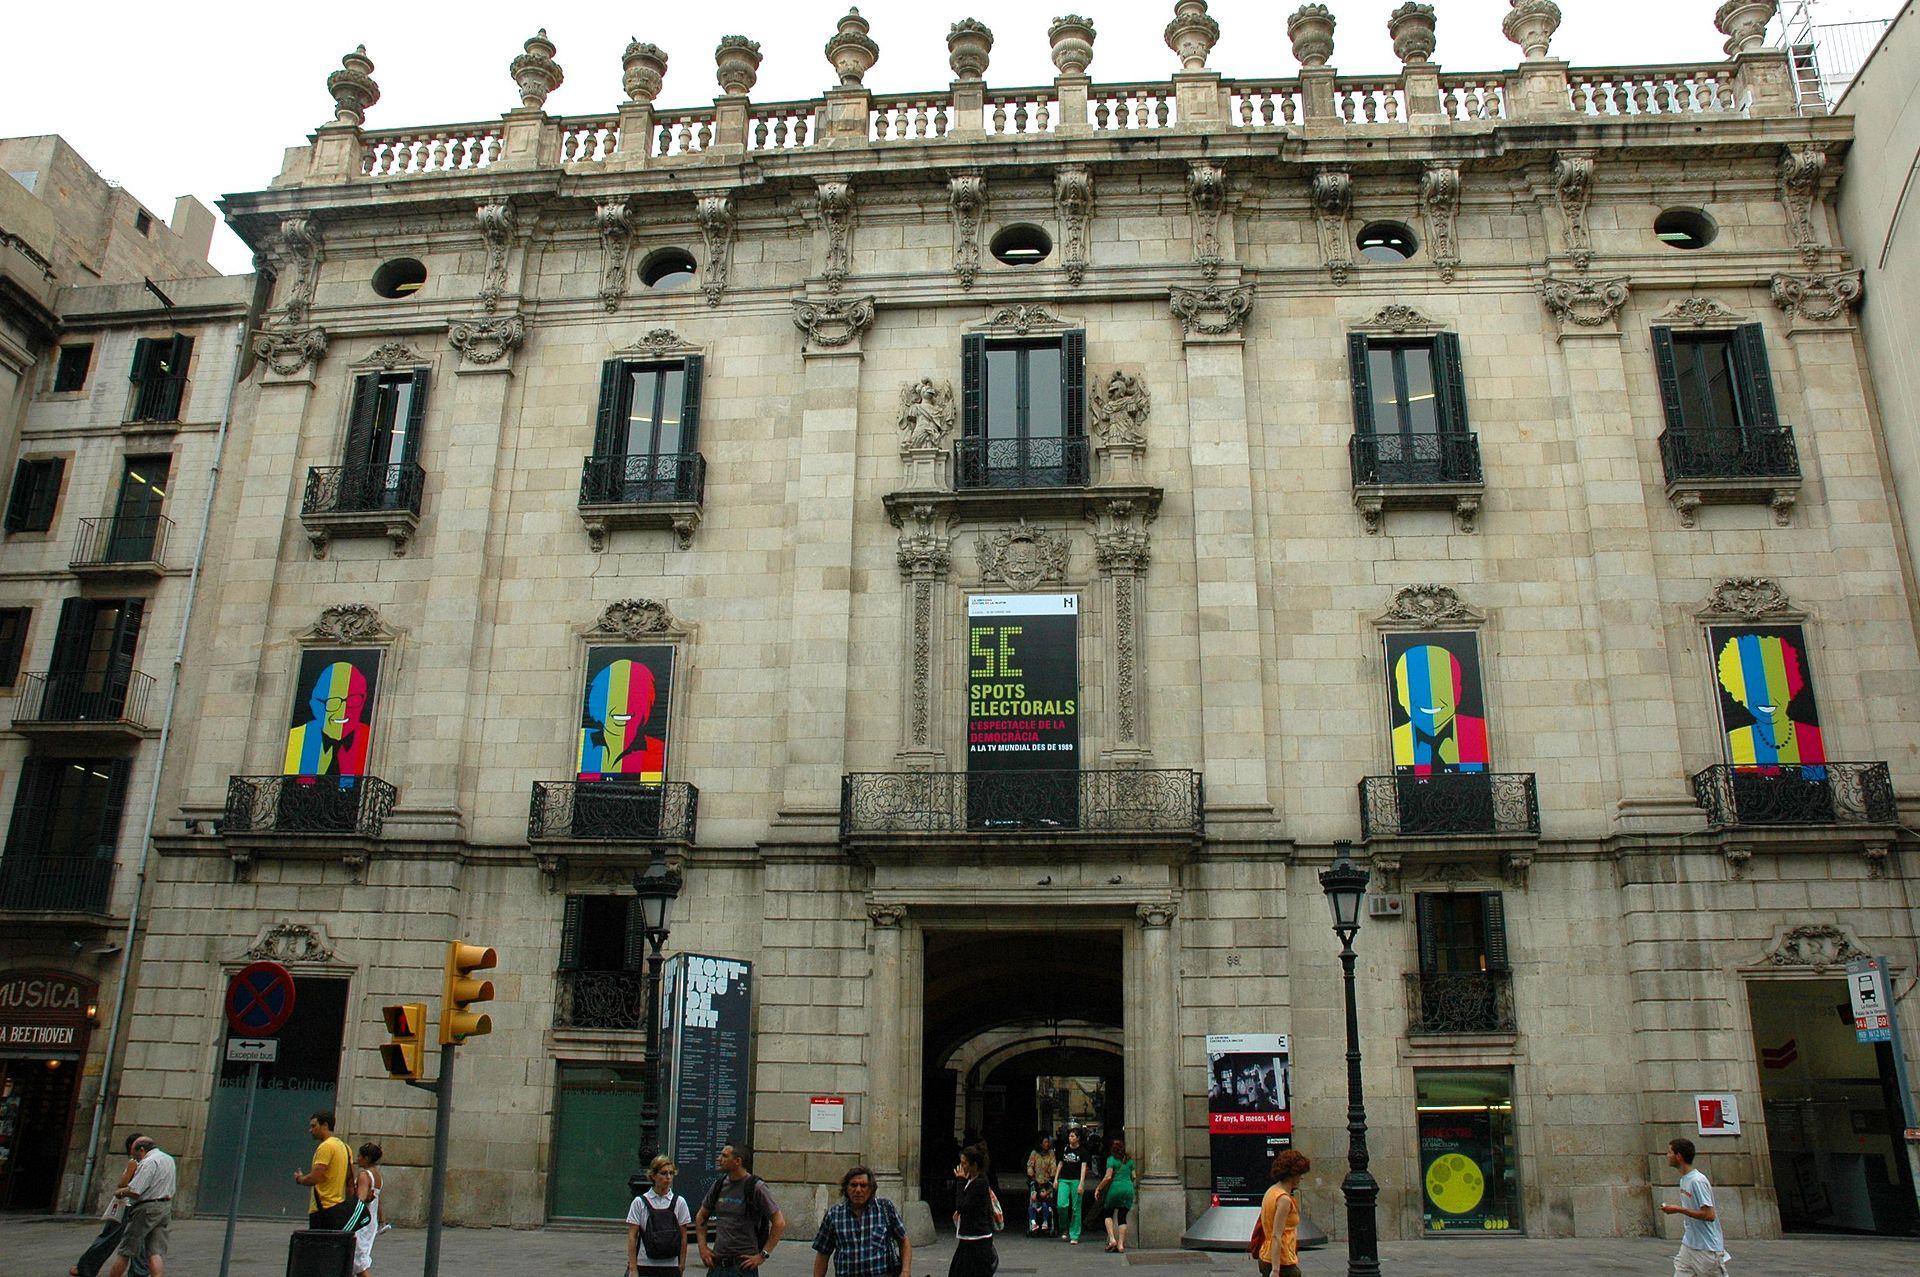 Institut de cultura de barcelona viquip dia l 39 enciclop dia lliure - Agenda cultura barcelona ...